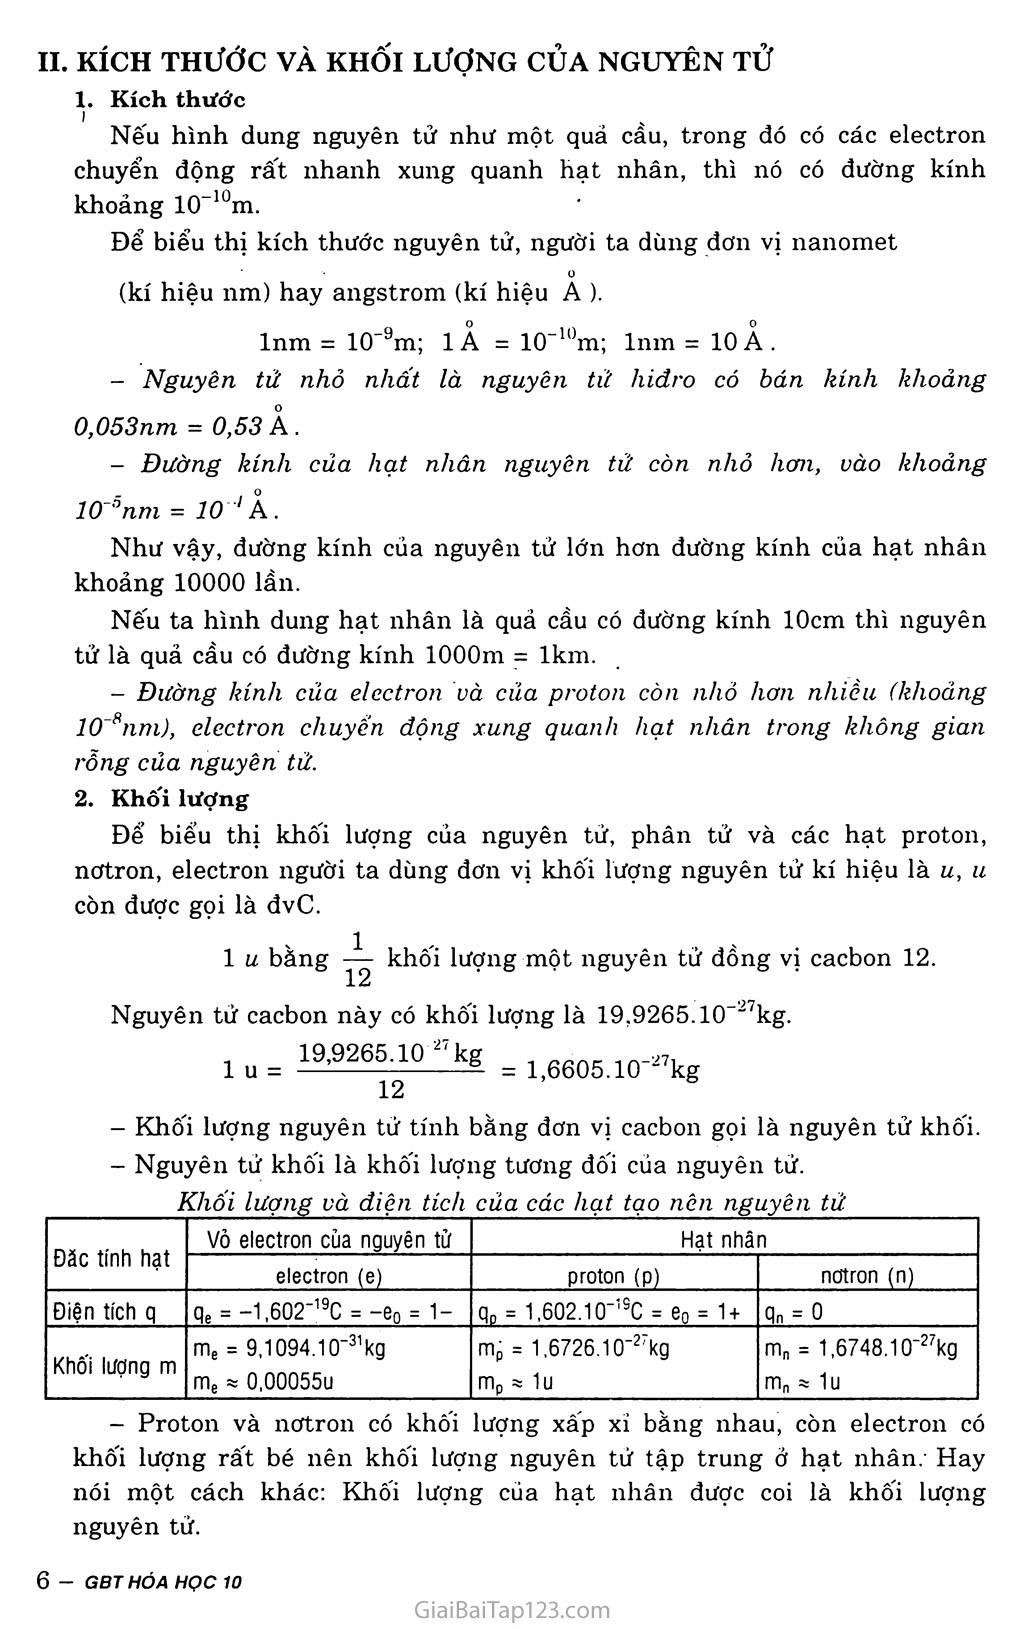 Bài 1: Thành phần nguyên tử trang 2